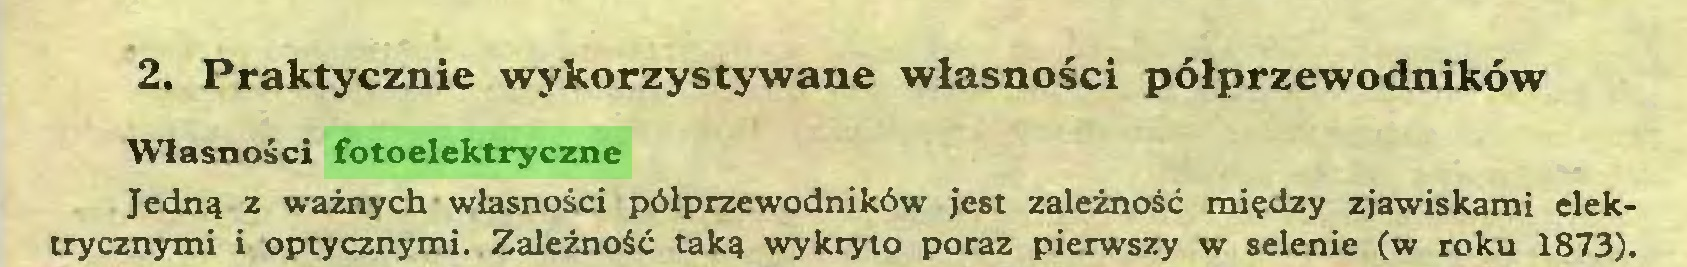 (...) 2. Praktycznie wykorzystywane własności półprzewodników Własności {bioelektryczne Jedną z ważnych własności półprzewodników jest zależność między zjawiskami elektrycznymi i optycznymi. Zależność taką wykryto poraź pierwszy w selenie (w roku 1873)...